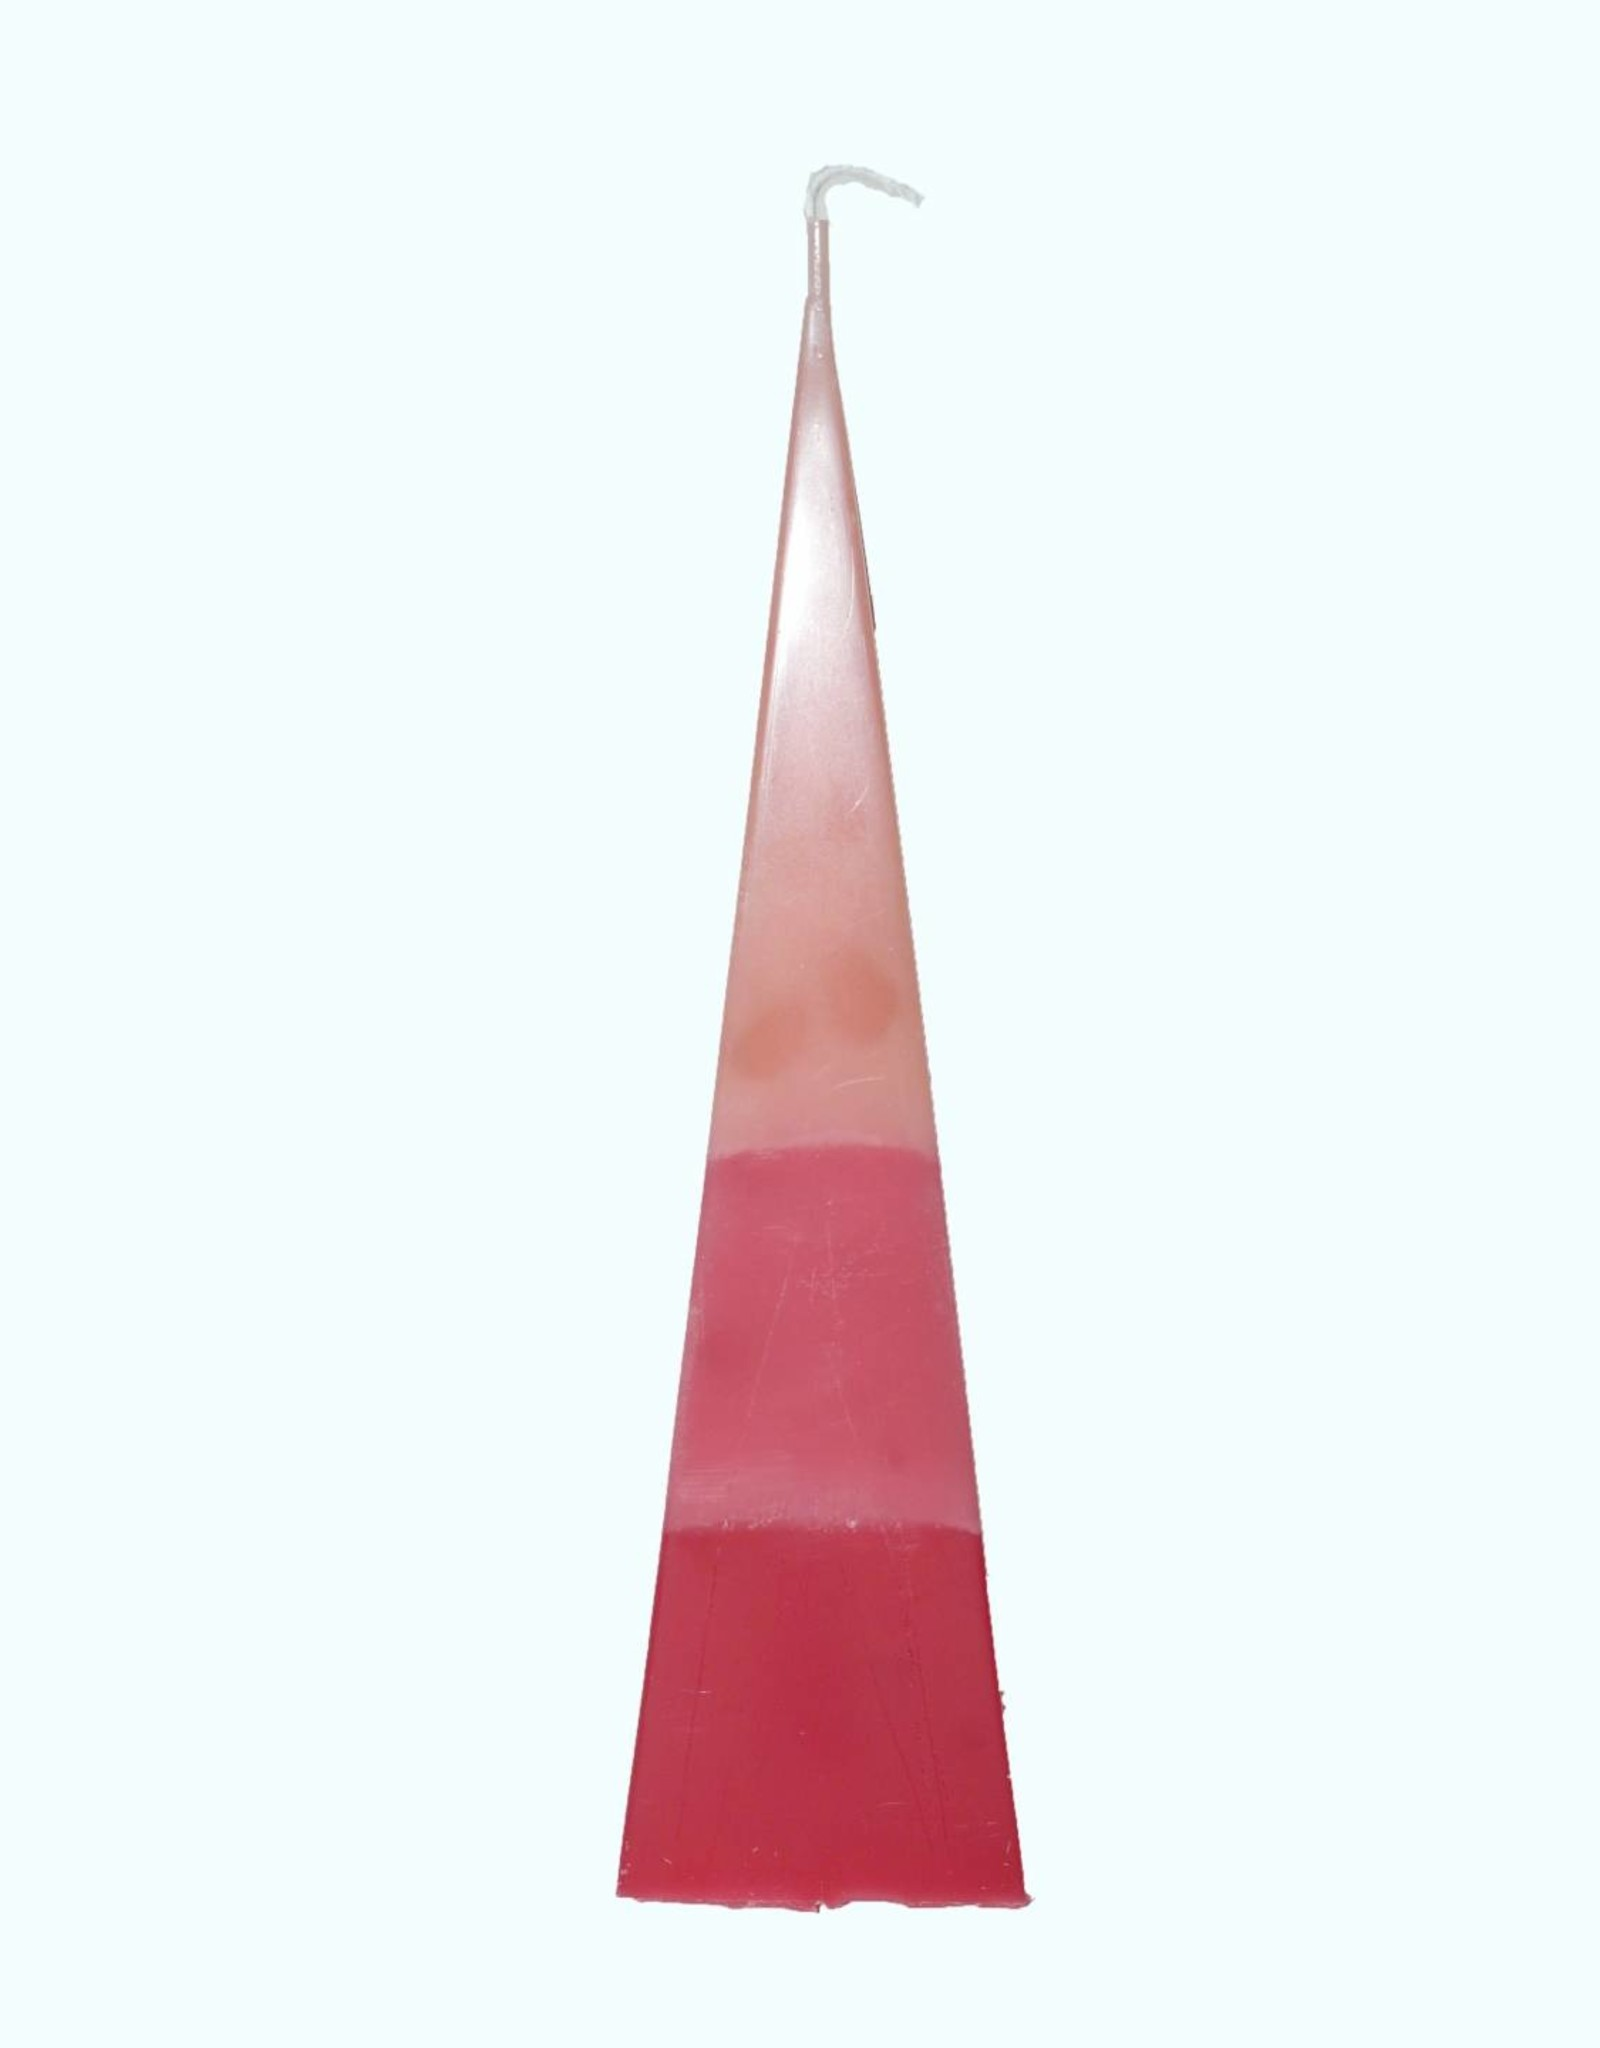 Kaars Piramide TriColor Roze 6x6x23 cm